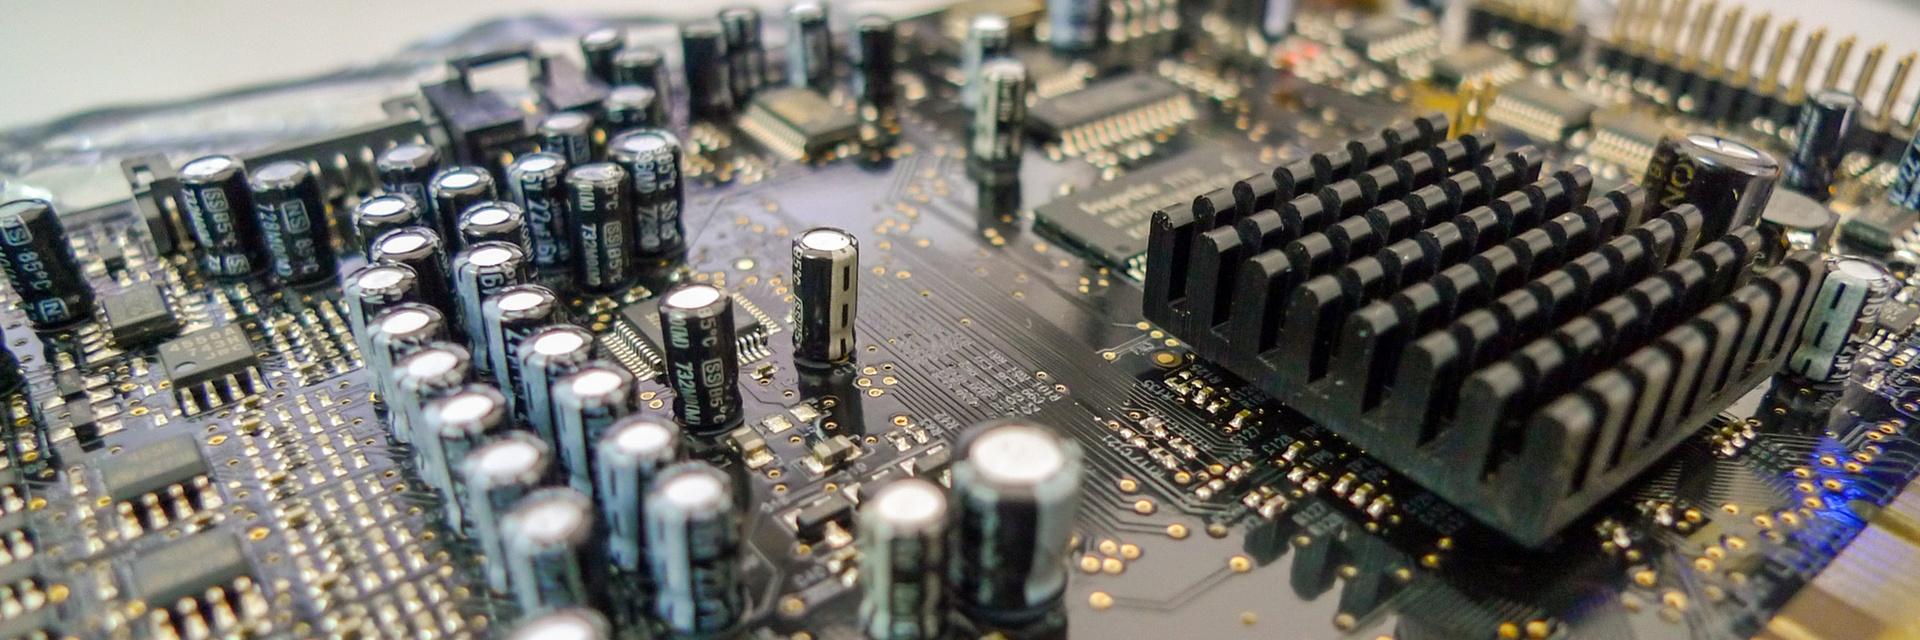 Комплектация электронными компонентами